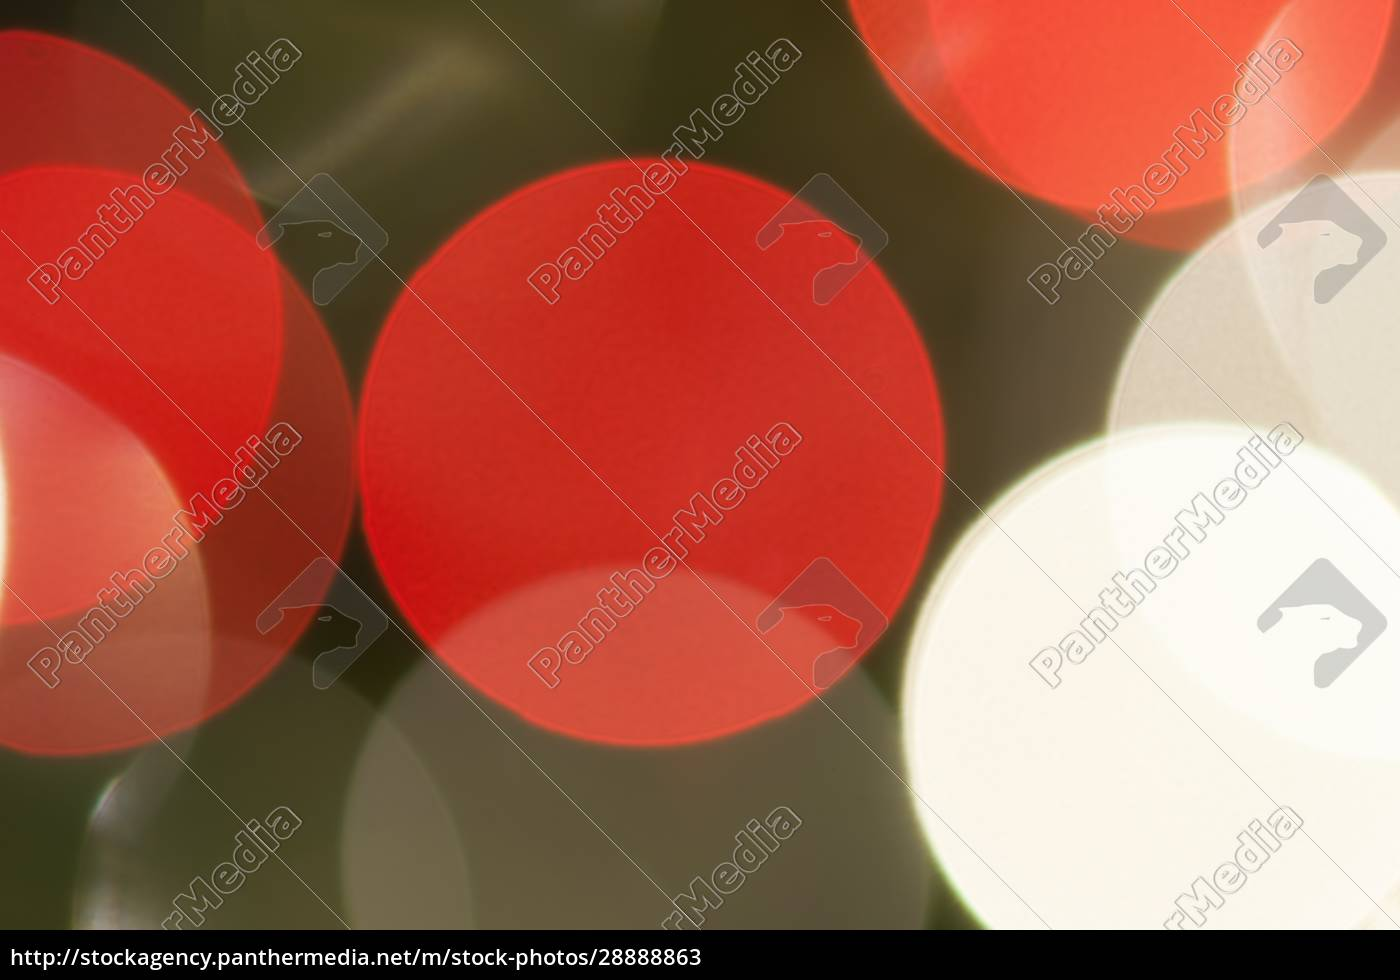 coloridos, círculos, festivos, multicolores., fondo, de - 28888863